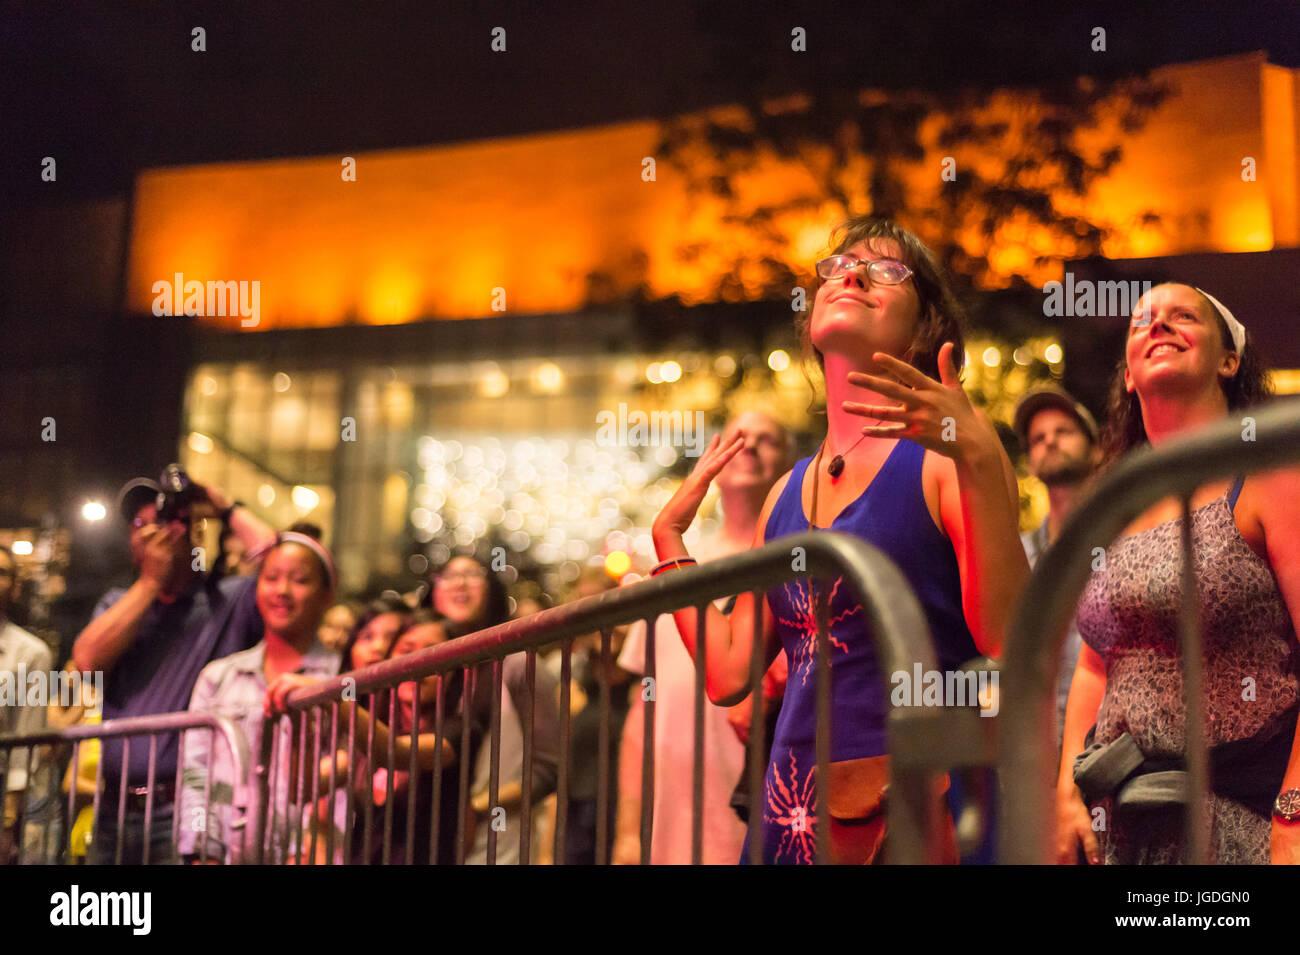 Montréal, le 4 juillet 2017: l'ecstasy à la fin de Ghost Town blues band' performance au Photo Stock